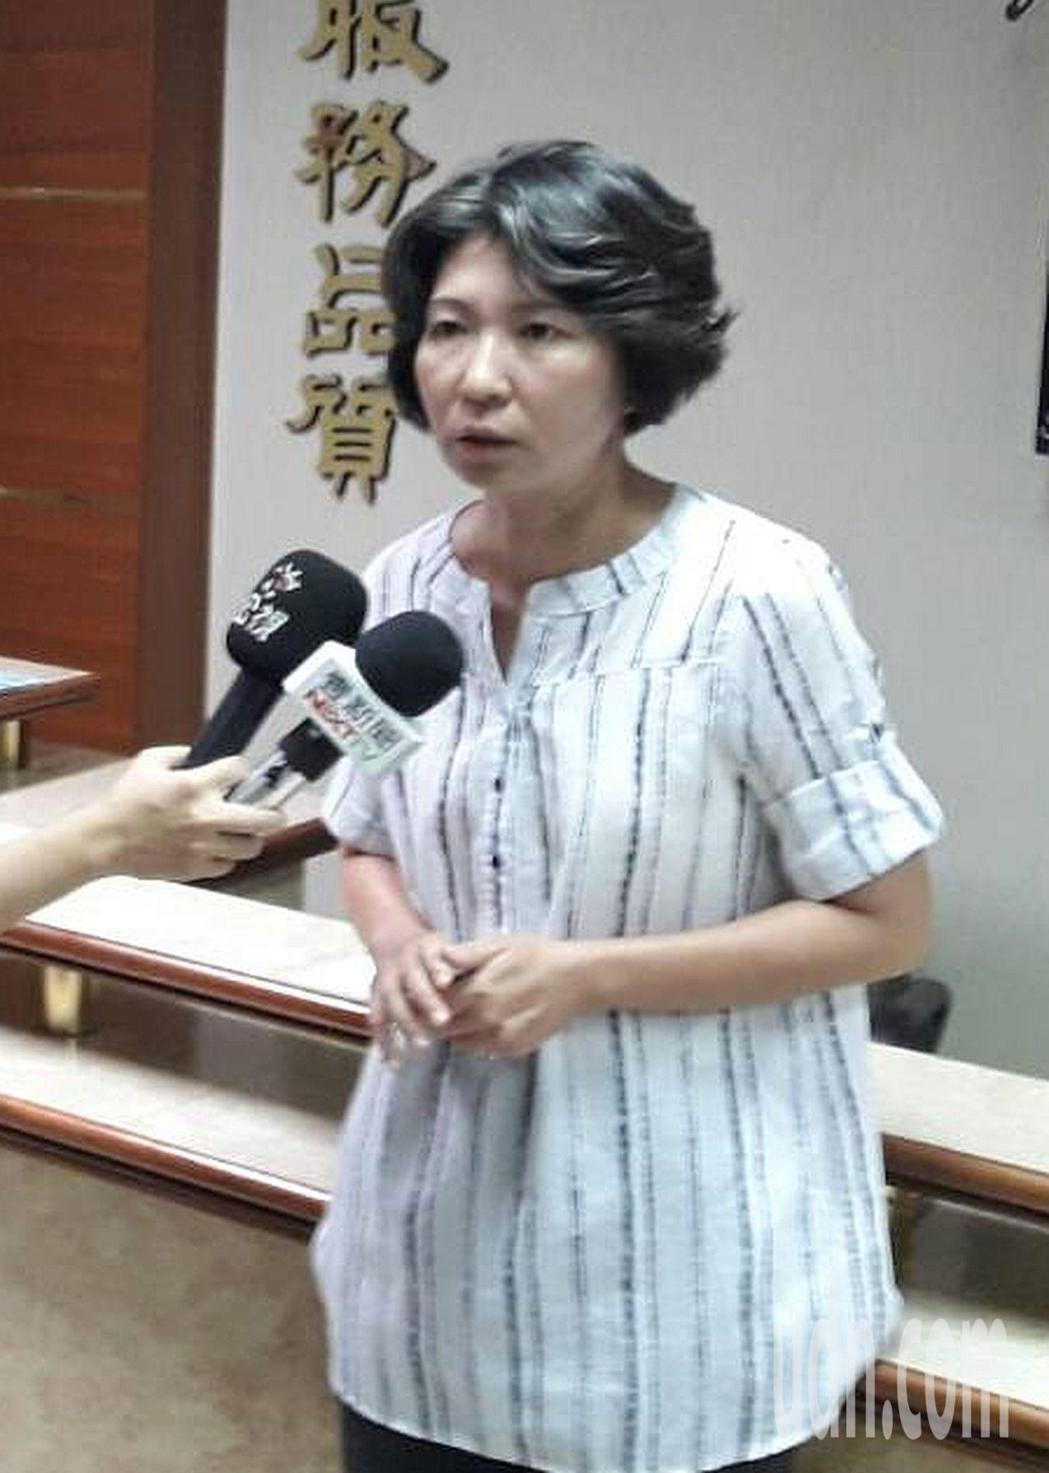 高雄市勞工局勞資關係科長許文瓊表示,慶富員工要求終止勞動契約的爭議調解不成立。記...